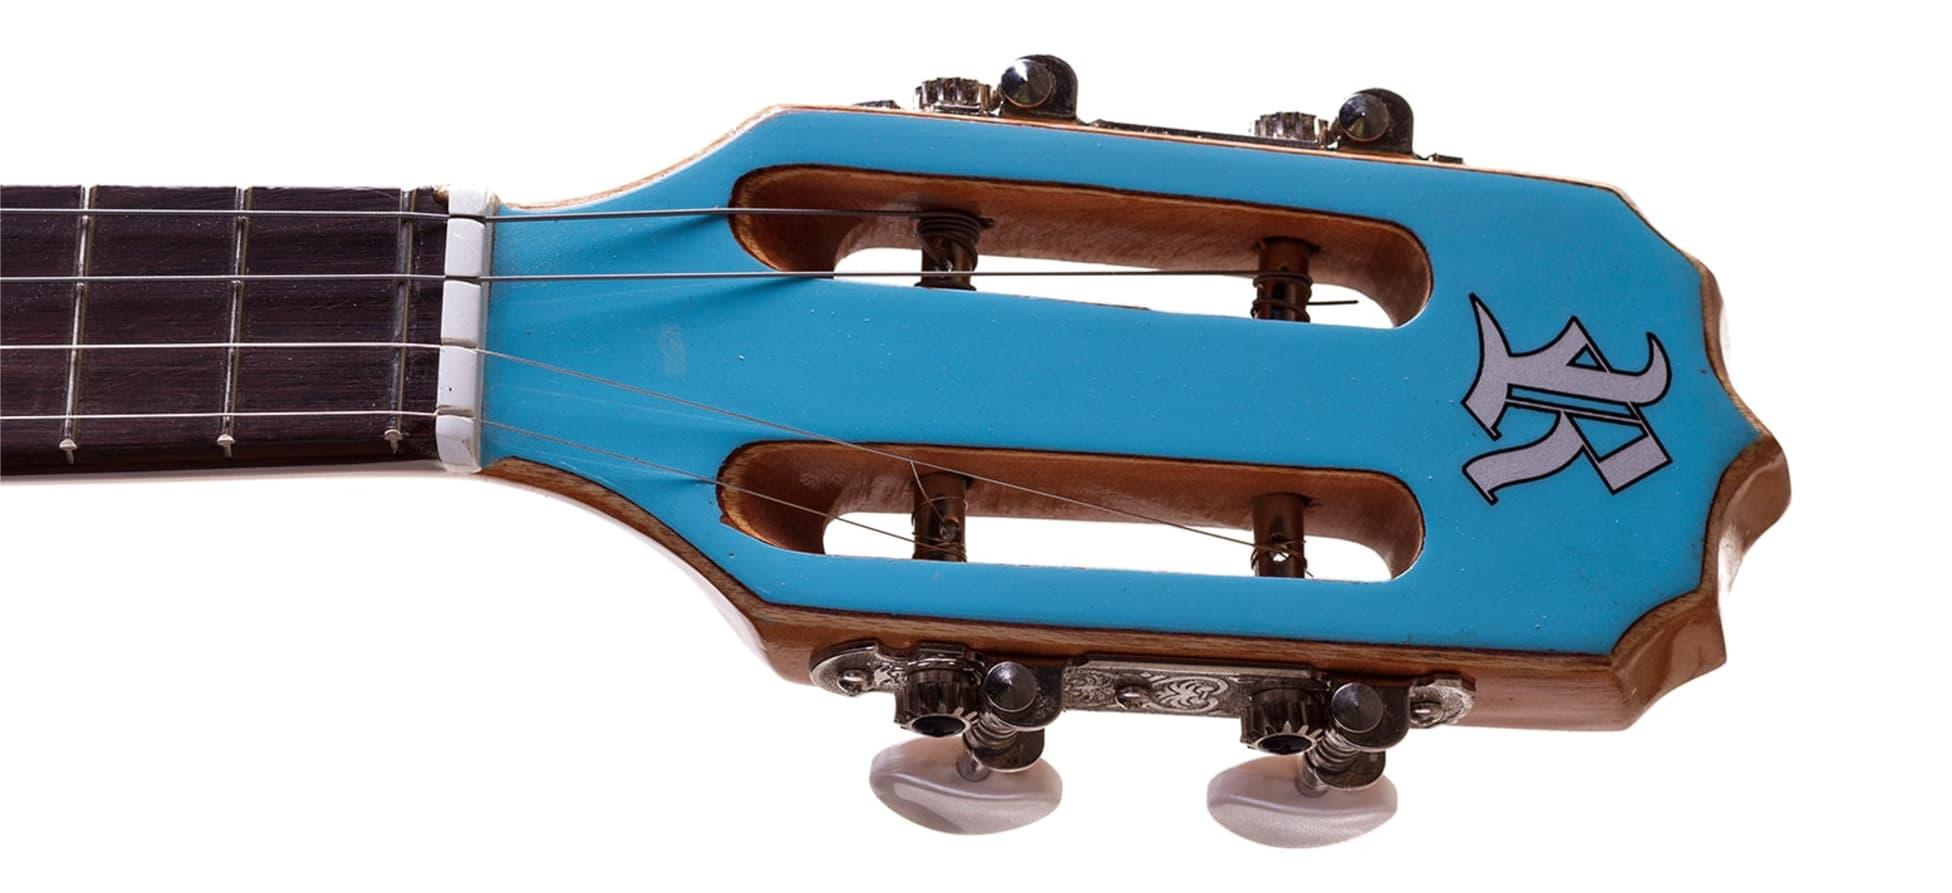 Banjo Cavaco Rozini Studio Caixa Larga Elétrico Colorido - RJ11